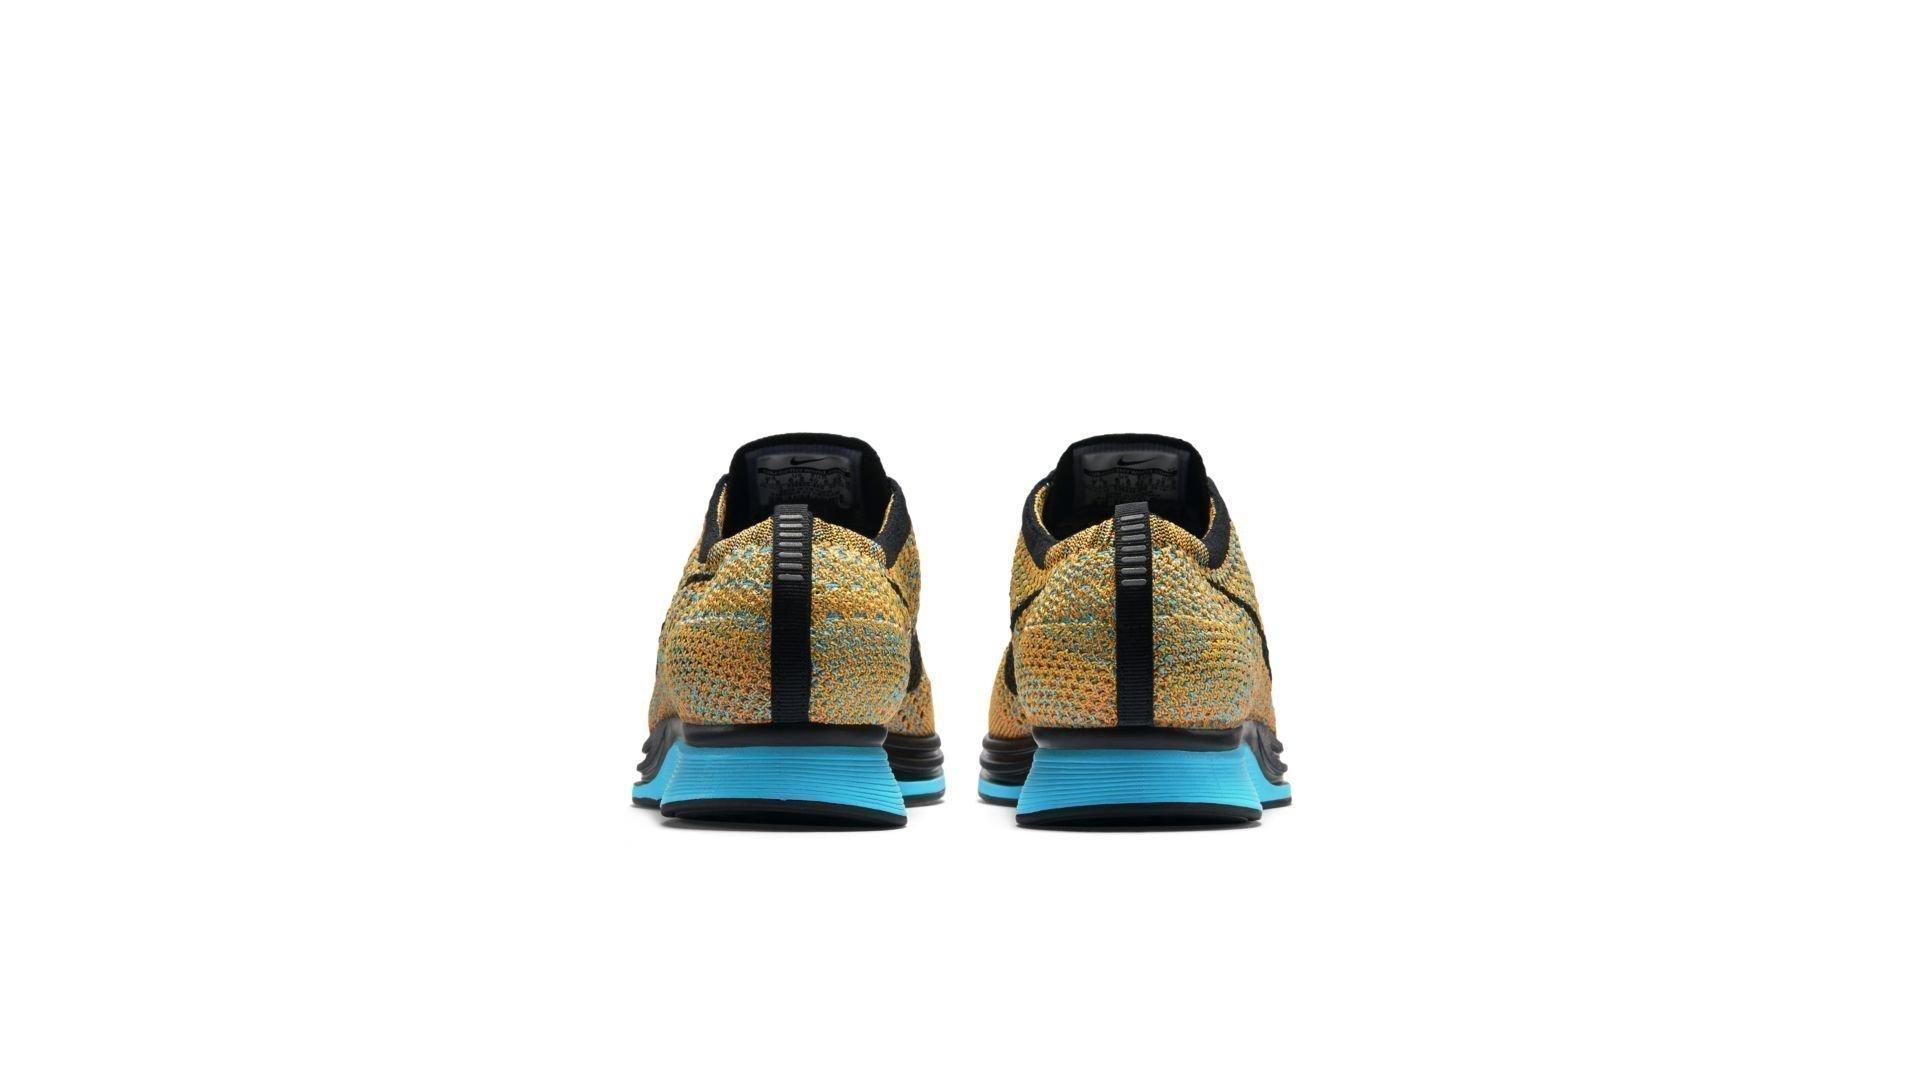 Nike Flyknit Racer Sherbet (526628-800)